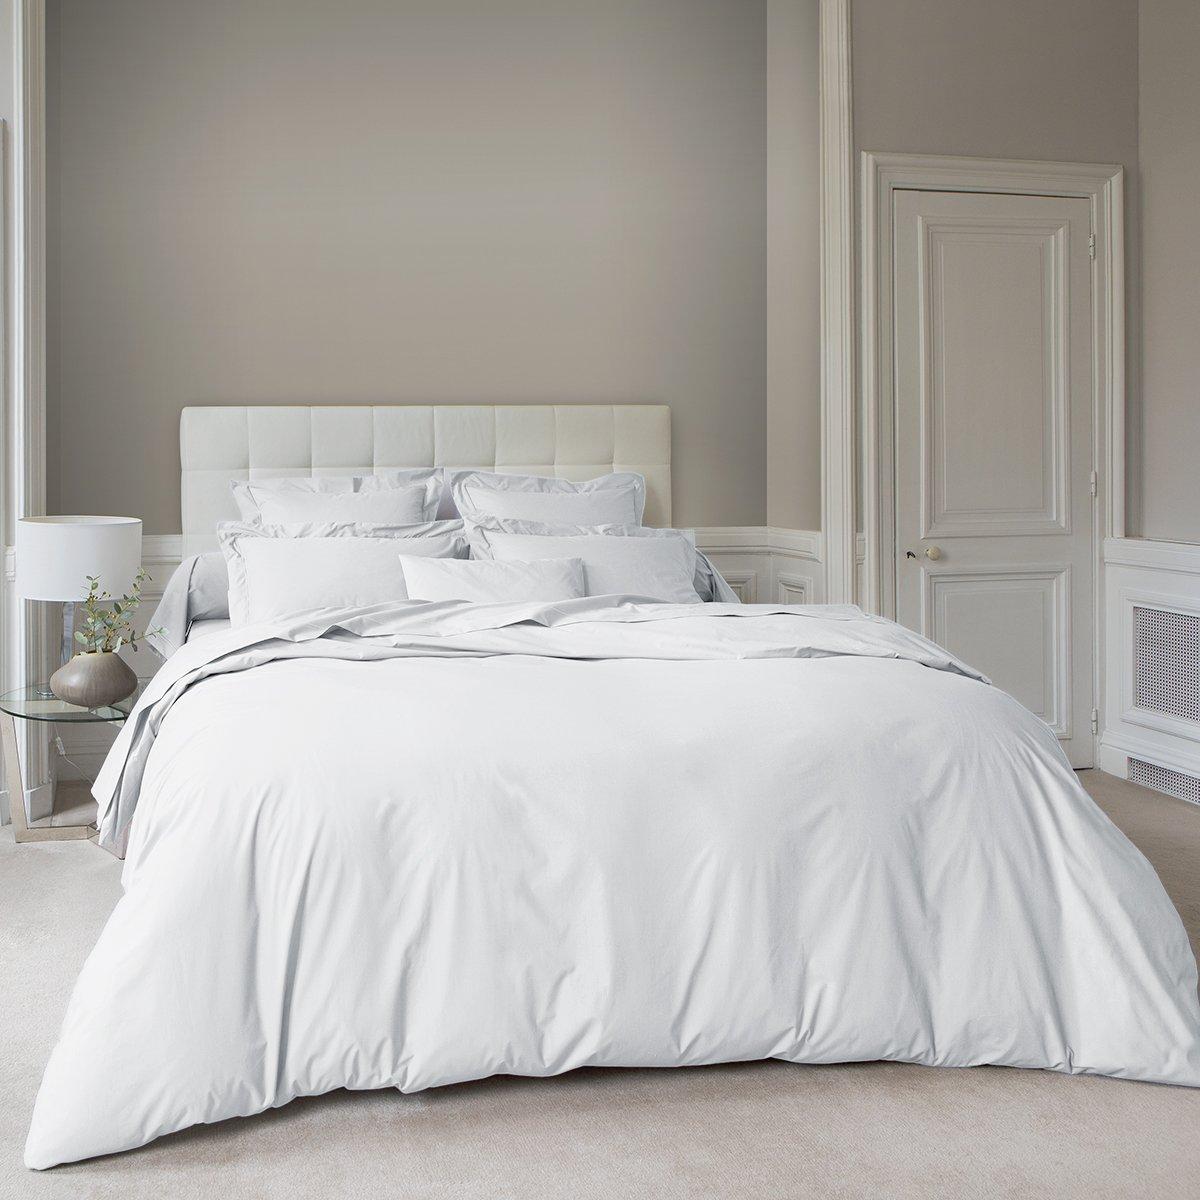 Housse de couette coton 140x200 cm blanc